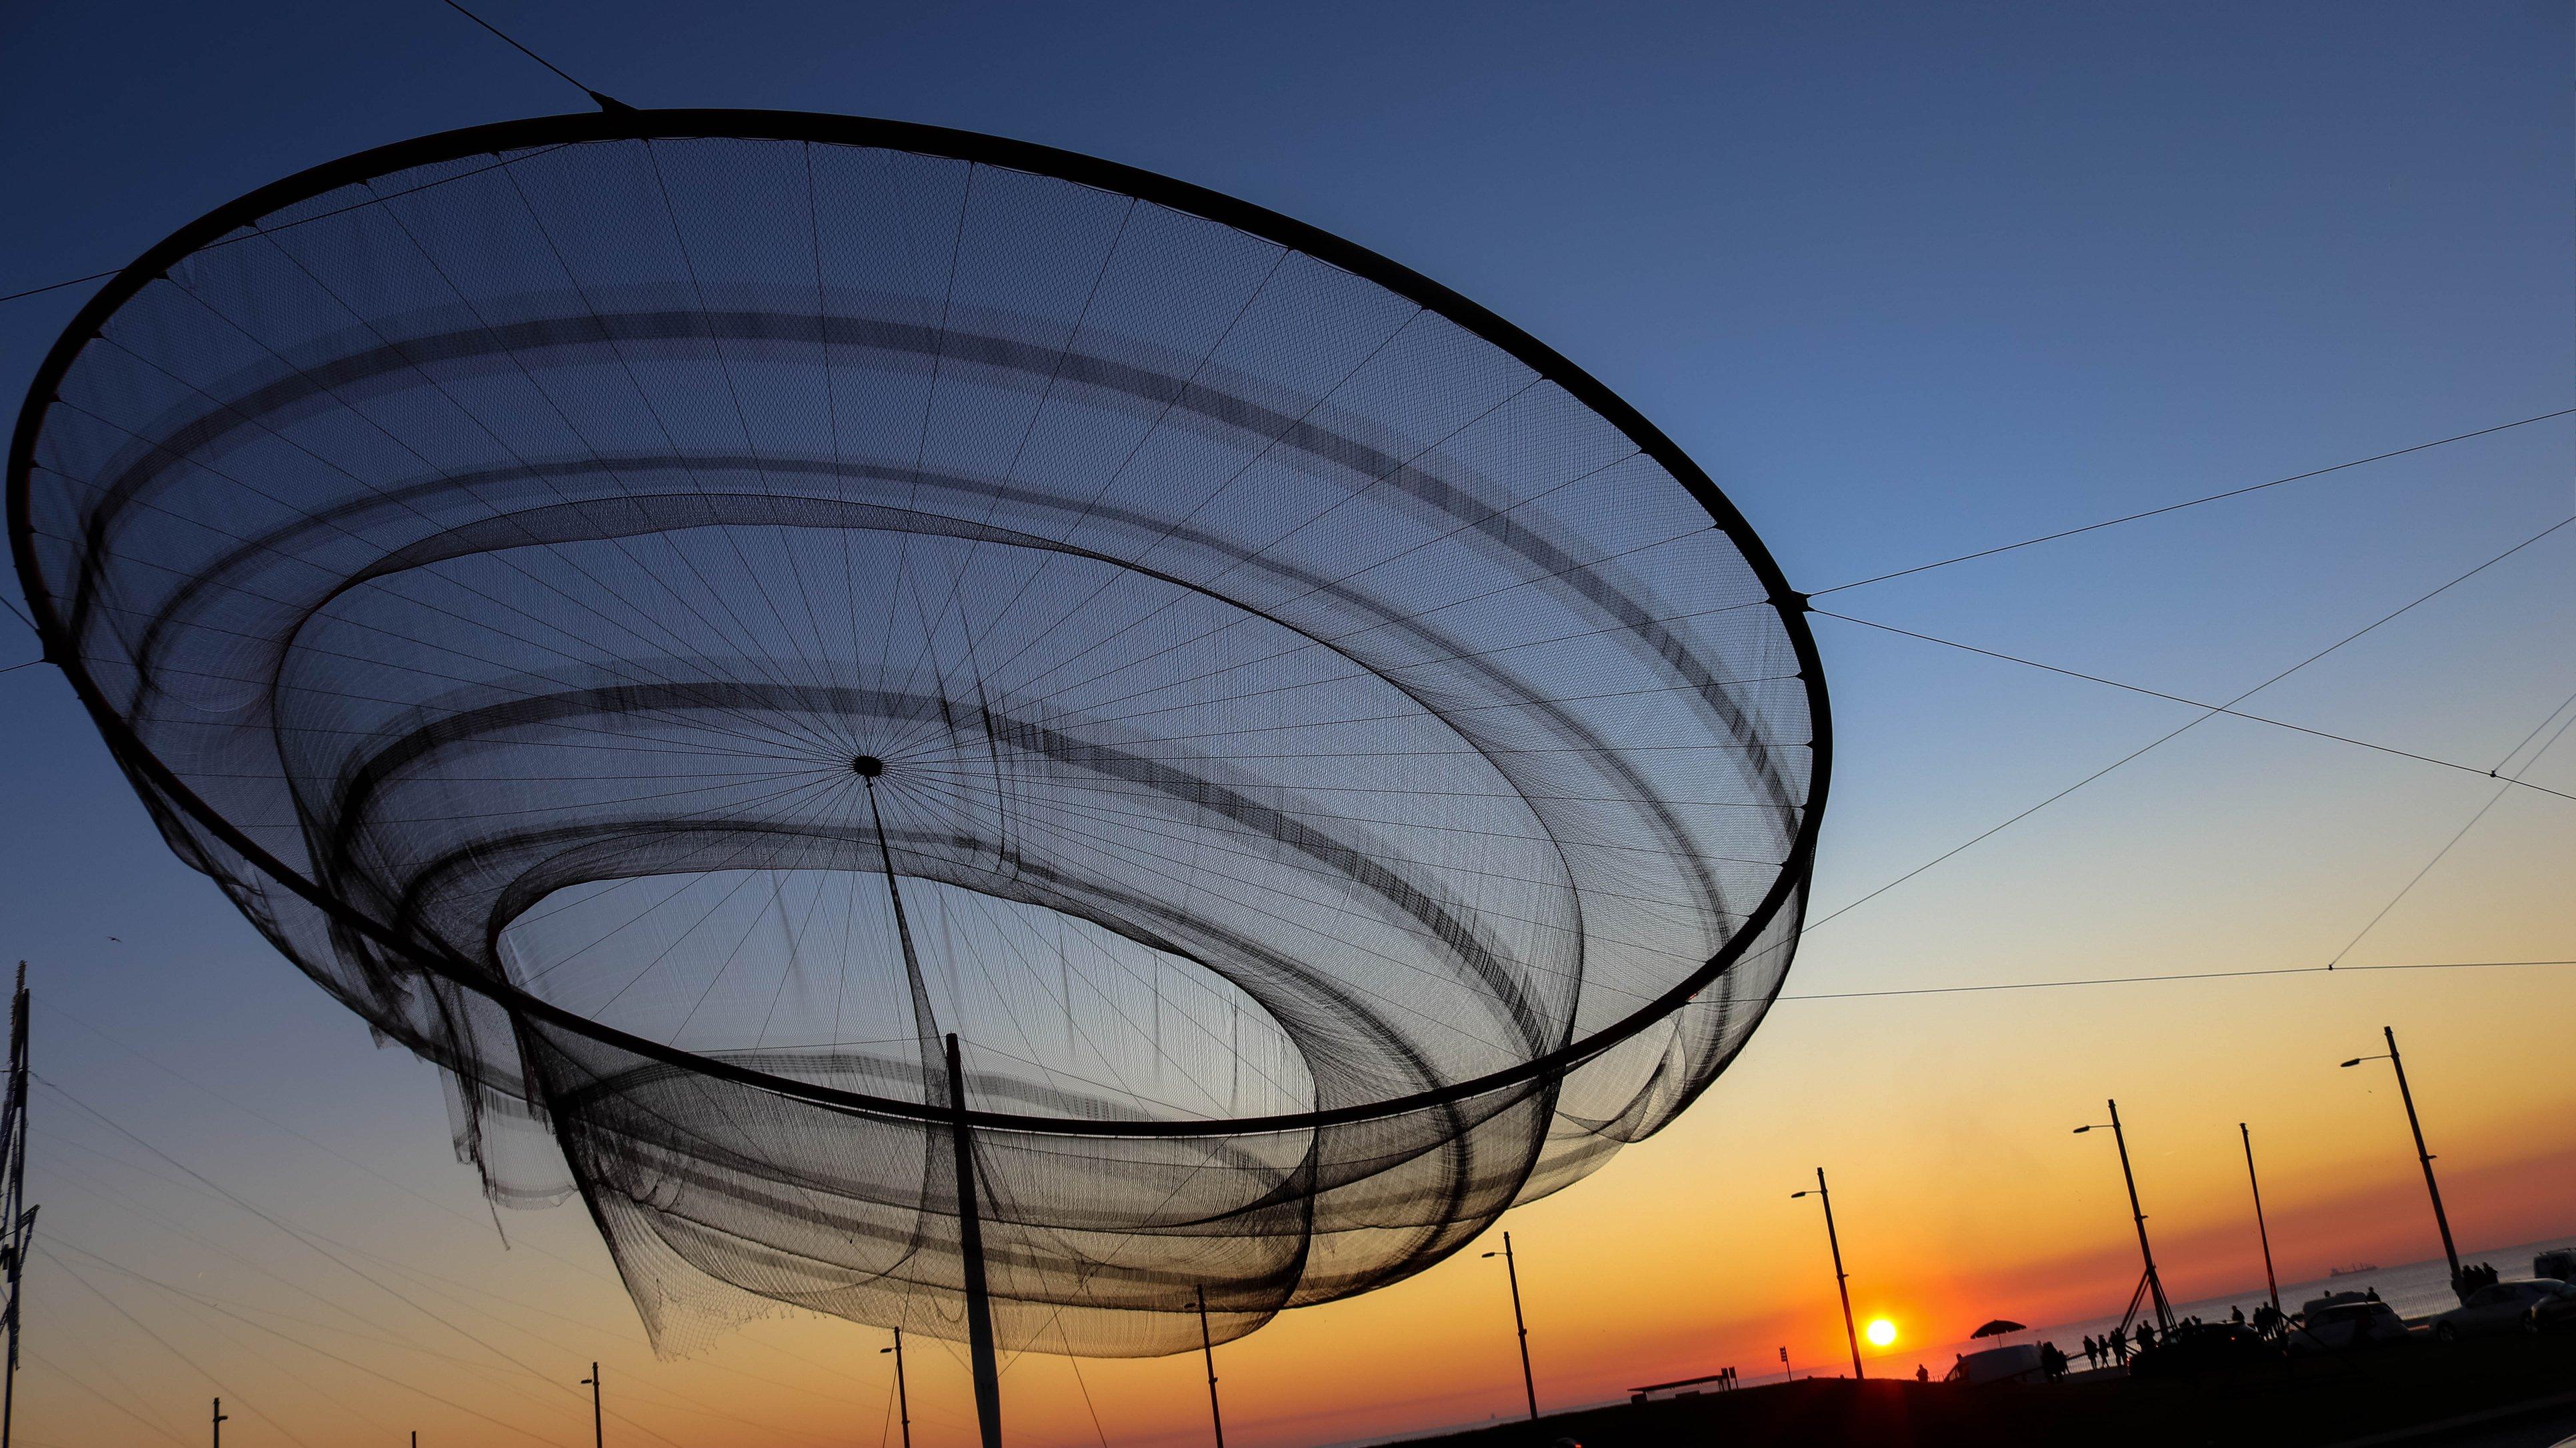 Rotunda em Matosinhos com conhecida arte plástica, um dos símbolos da cidade